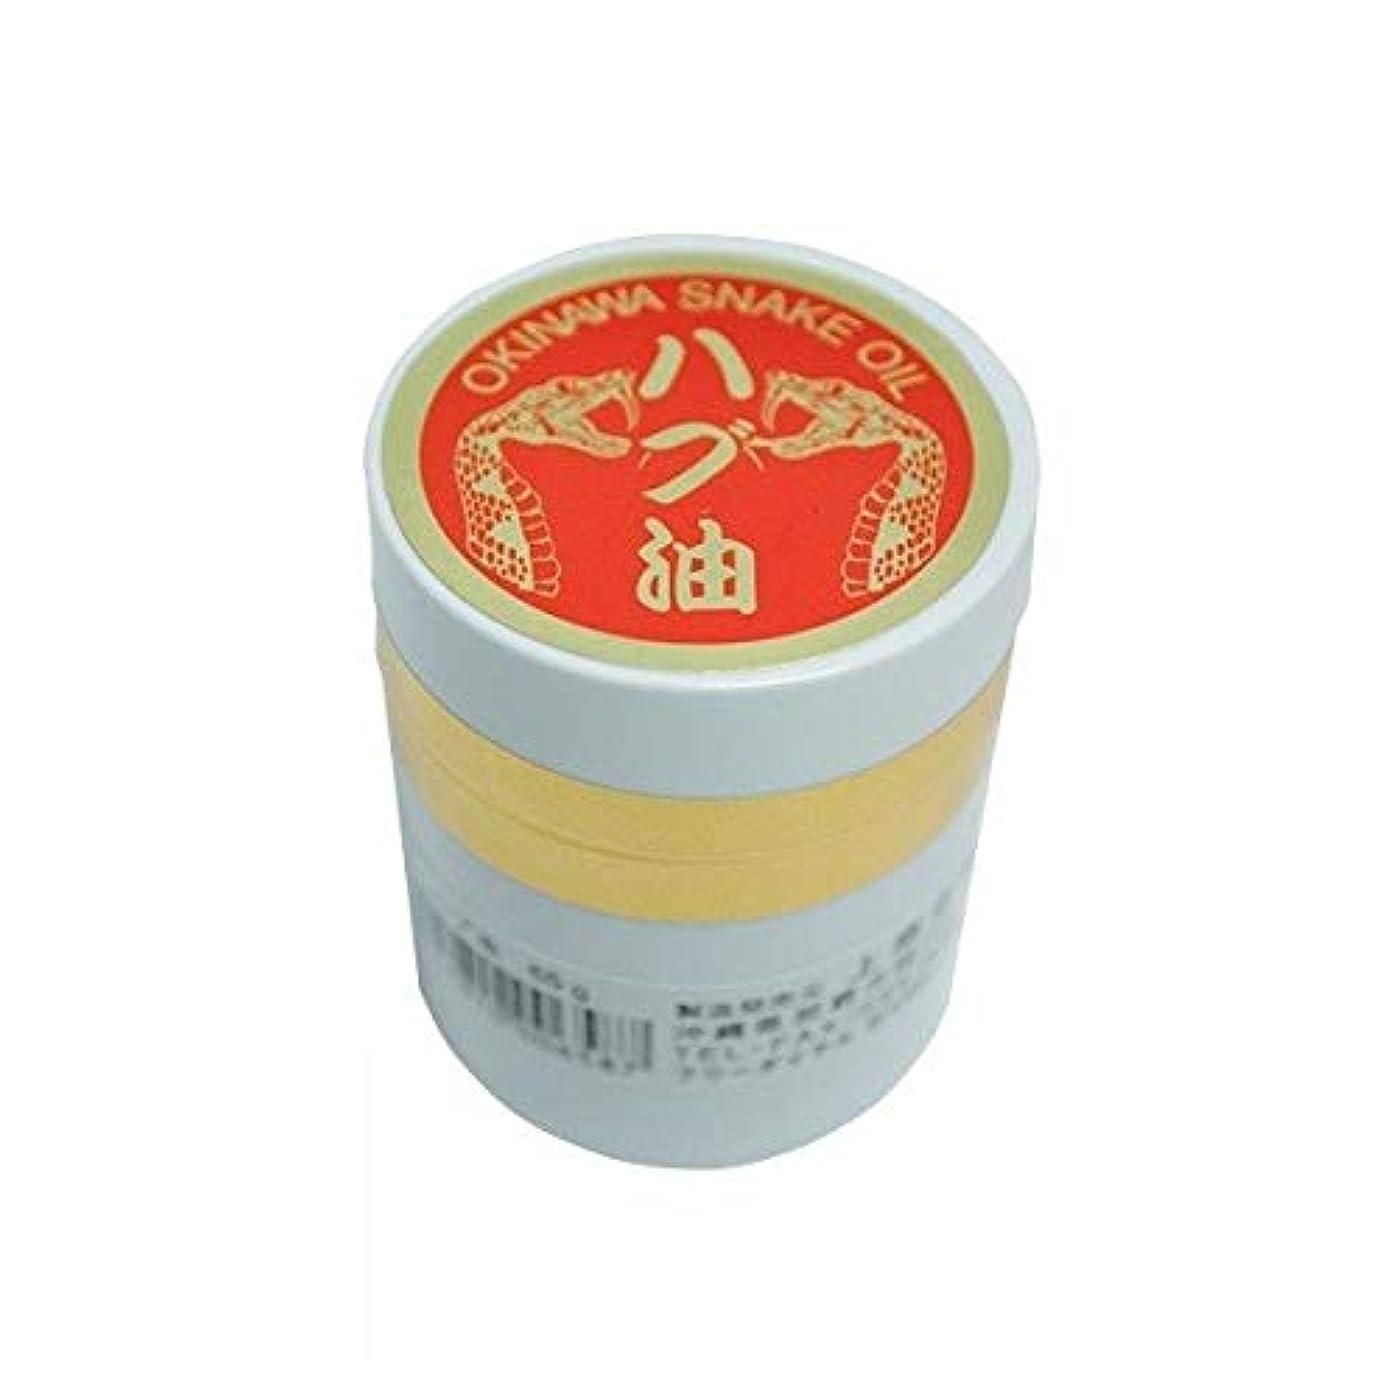 下位トースト遠足沖縄産 ハブ油 65g 軟膏タイプ